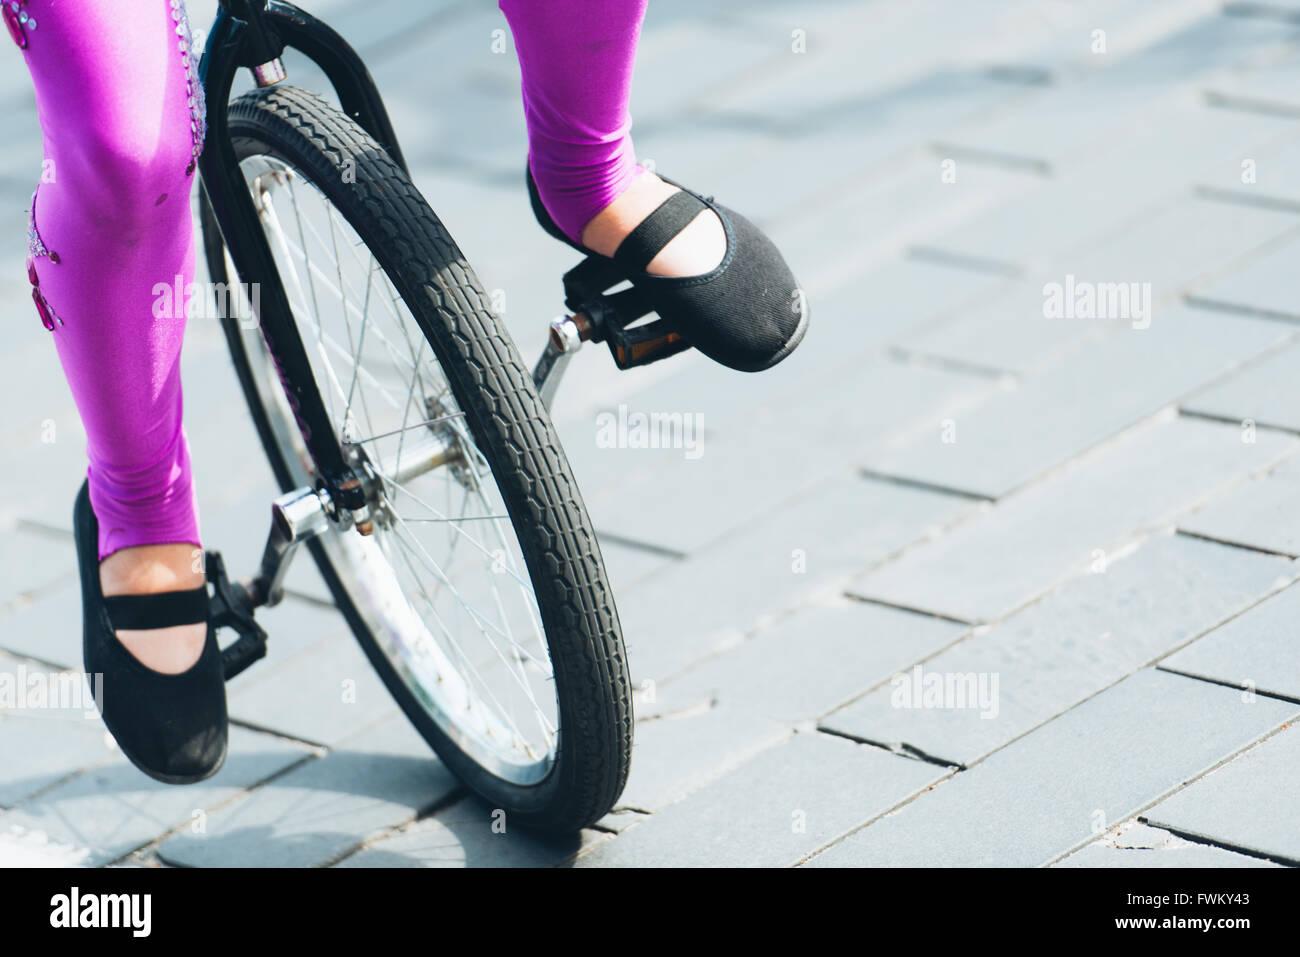 Bajo la sección de mujer montando bicicleta en la calle Imagen De Stock